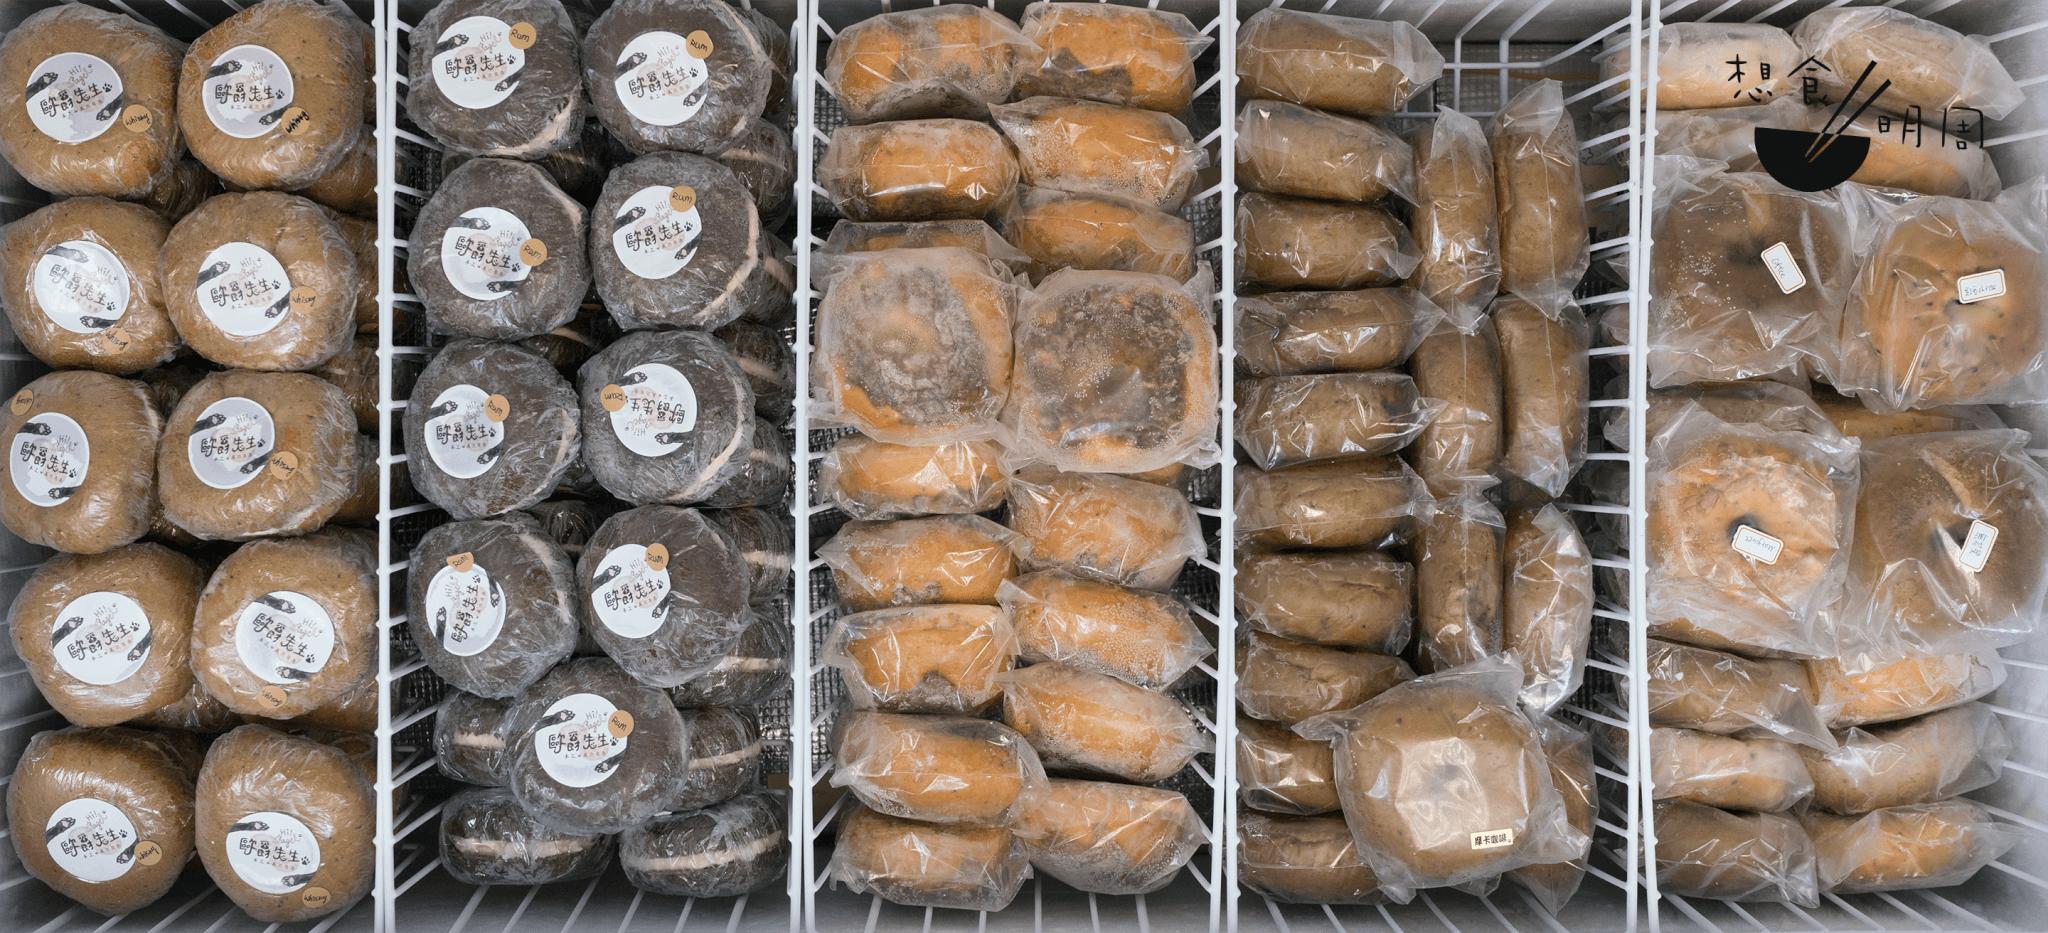 代購店在旺角設有門市,以有三個大冷凍櫃及一個冷藏櫃,儲存由台灣直送到港的各類鹹食、包點及蛋糕。